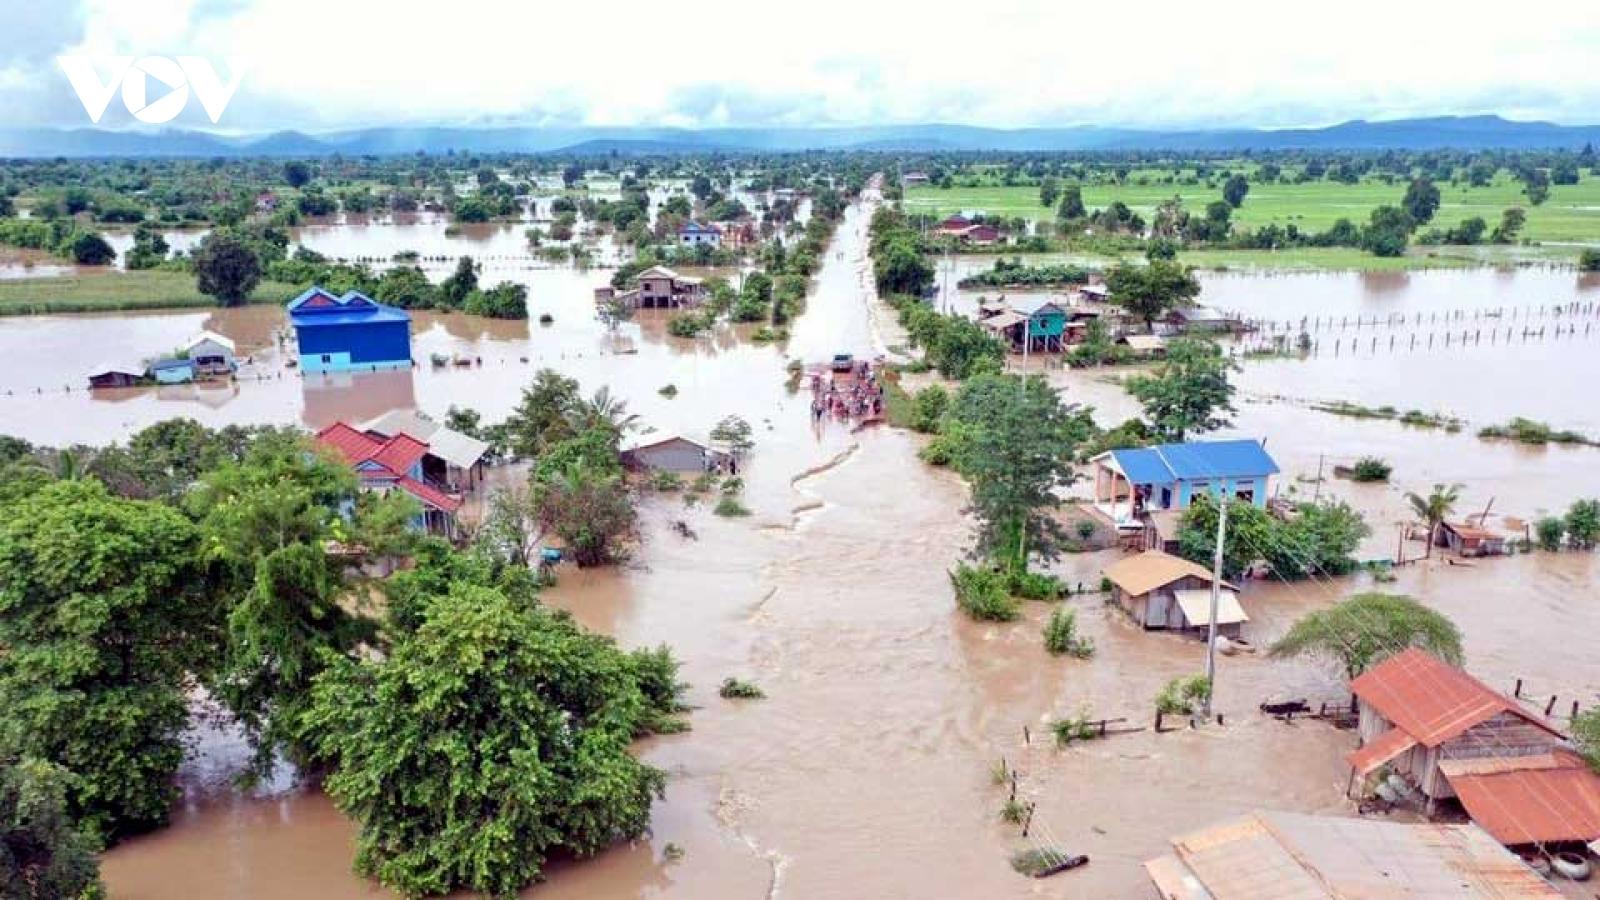 Lũ lụt tại Campuchia có thể ảnh hưởng tới xuất khẩu thóc sang Việt Nam